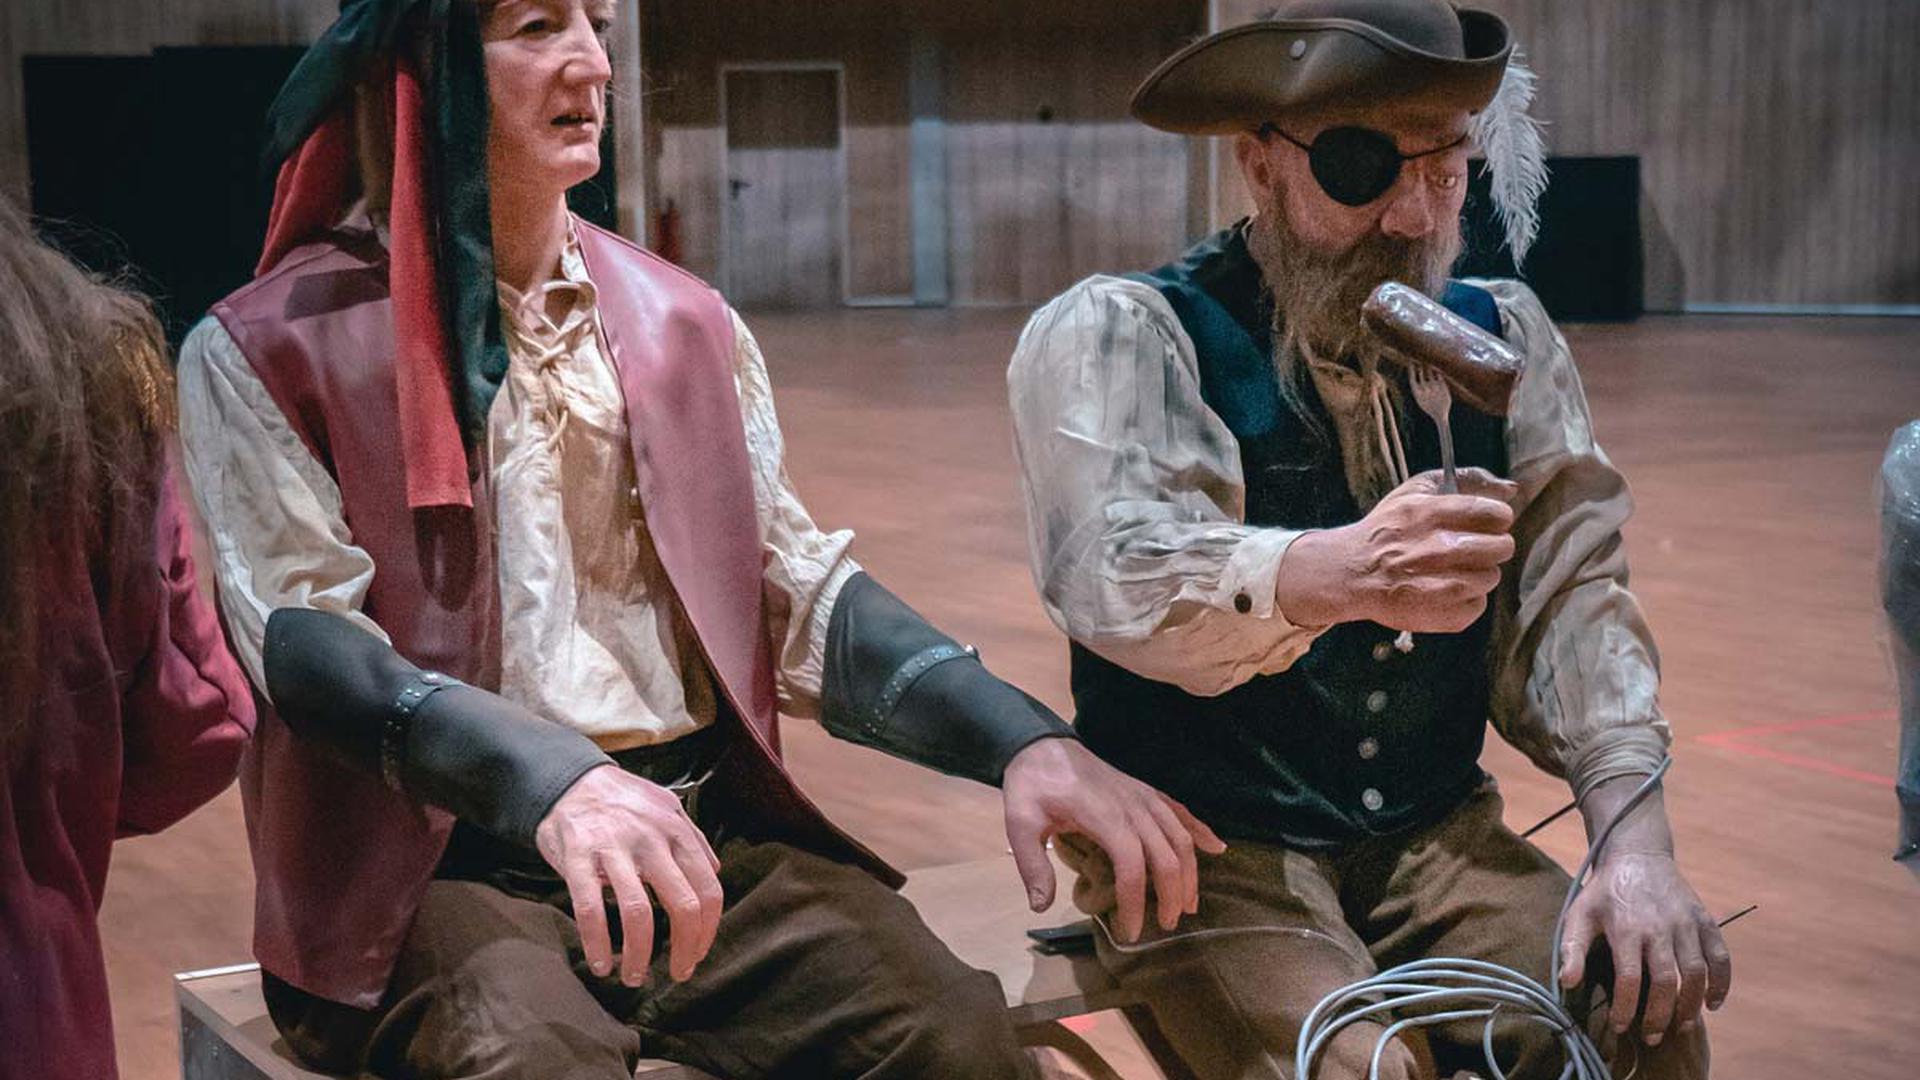 Die alten Piraten waren wesentlich billiger und weniger naturgetreu - Fans freuen sich aber auf ihre Rückkehr.